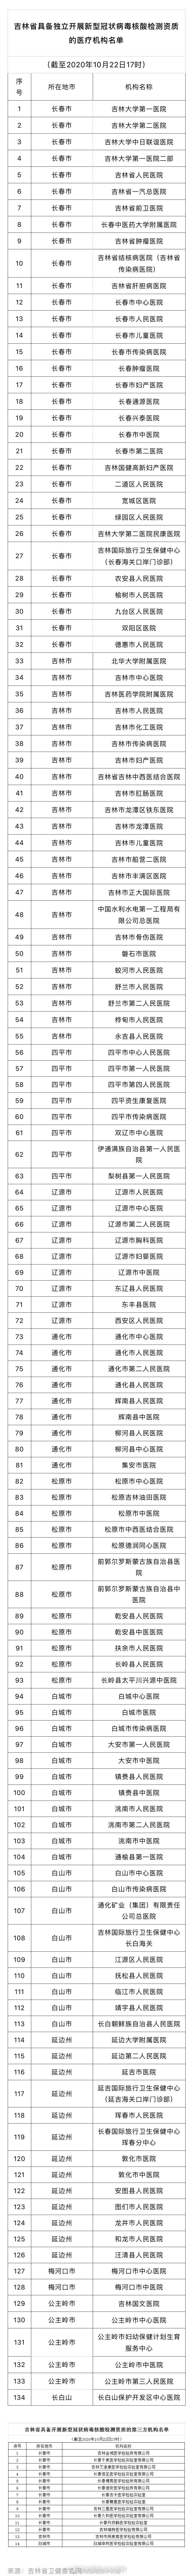 吉林省卫健委公布重要名单!